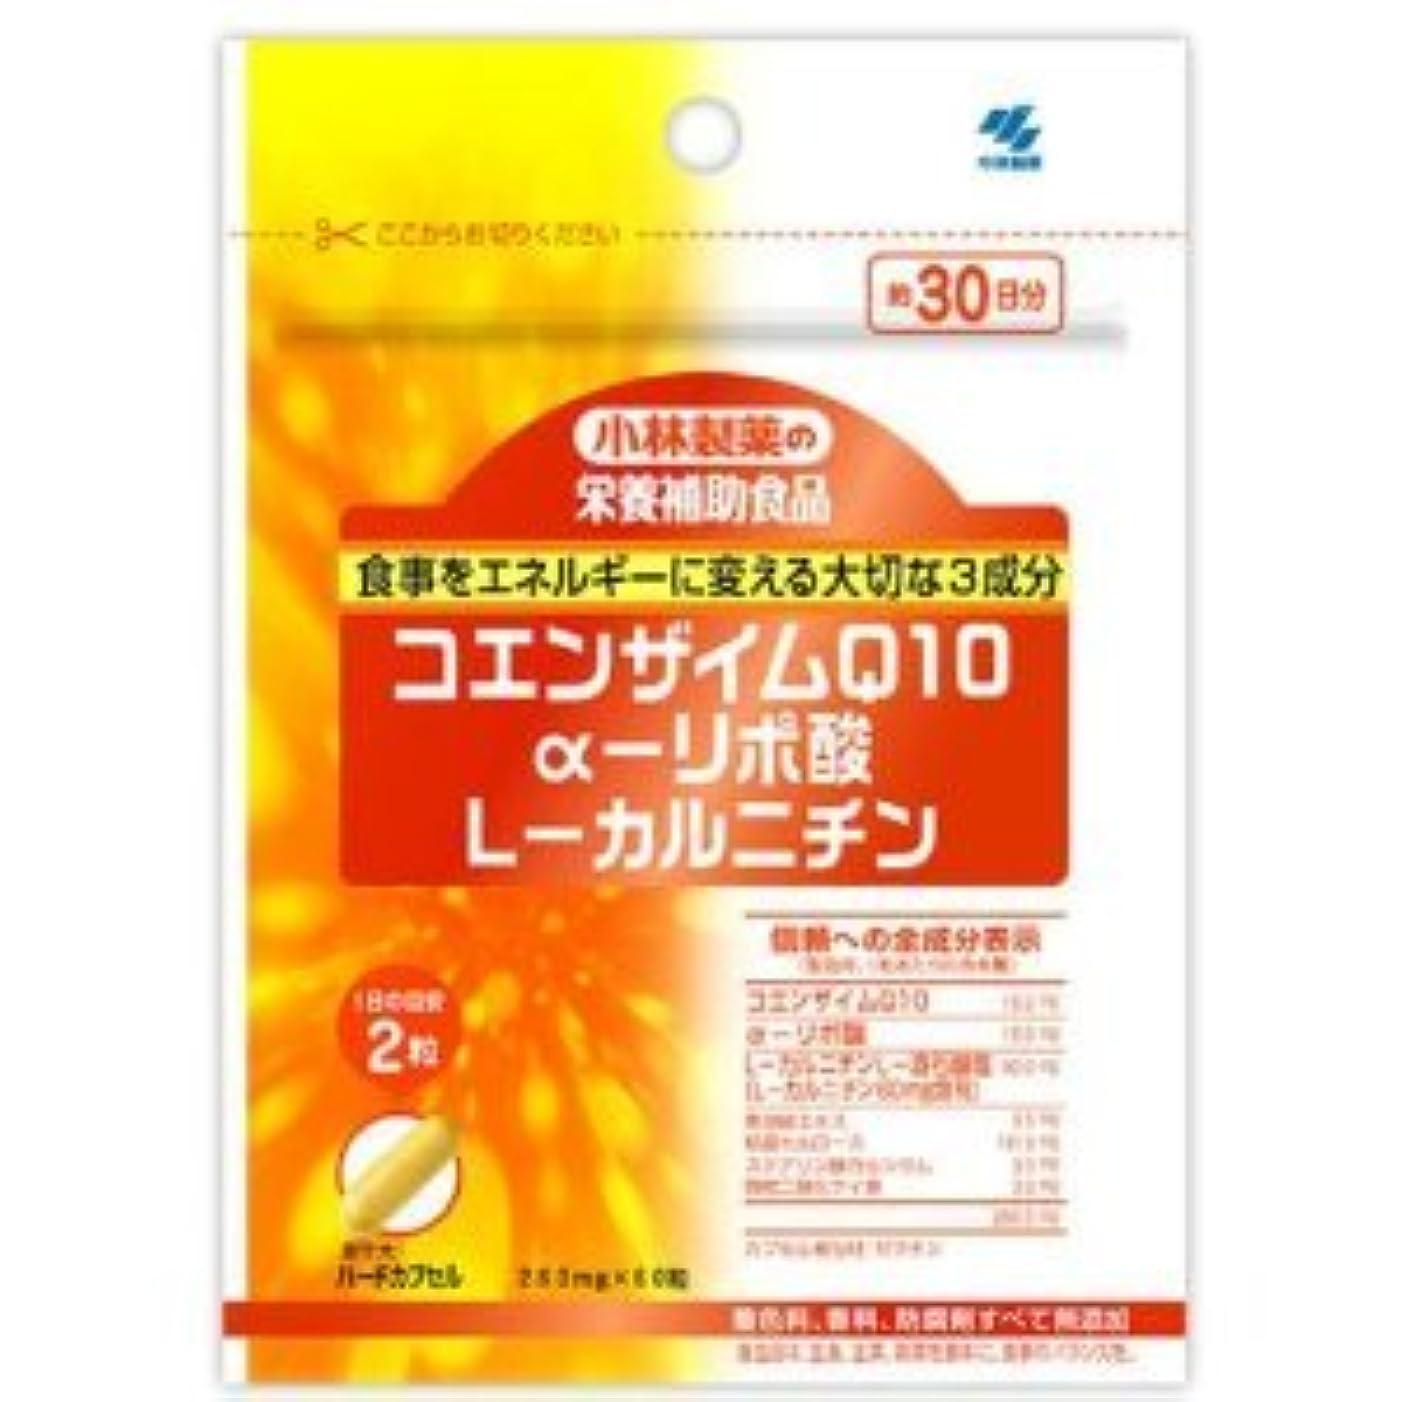 下る市場パートナー小林製薬の栄養補助食品 コエンザイムQ10 αリポ酸 L-カルニチン 60粒 3個セット